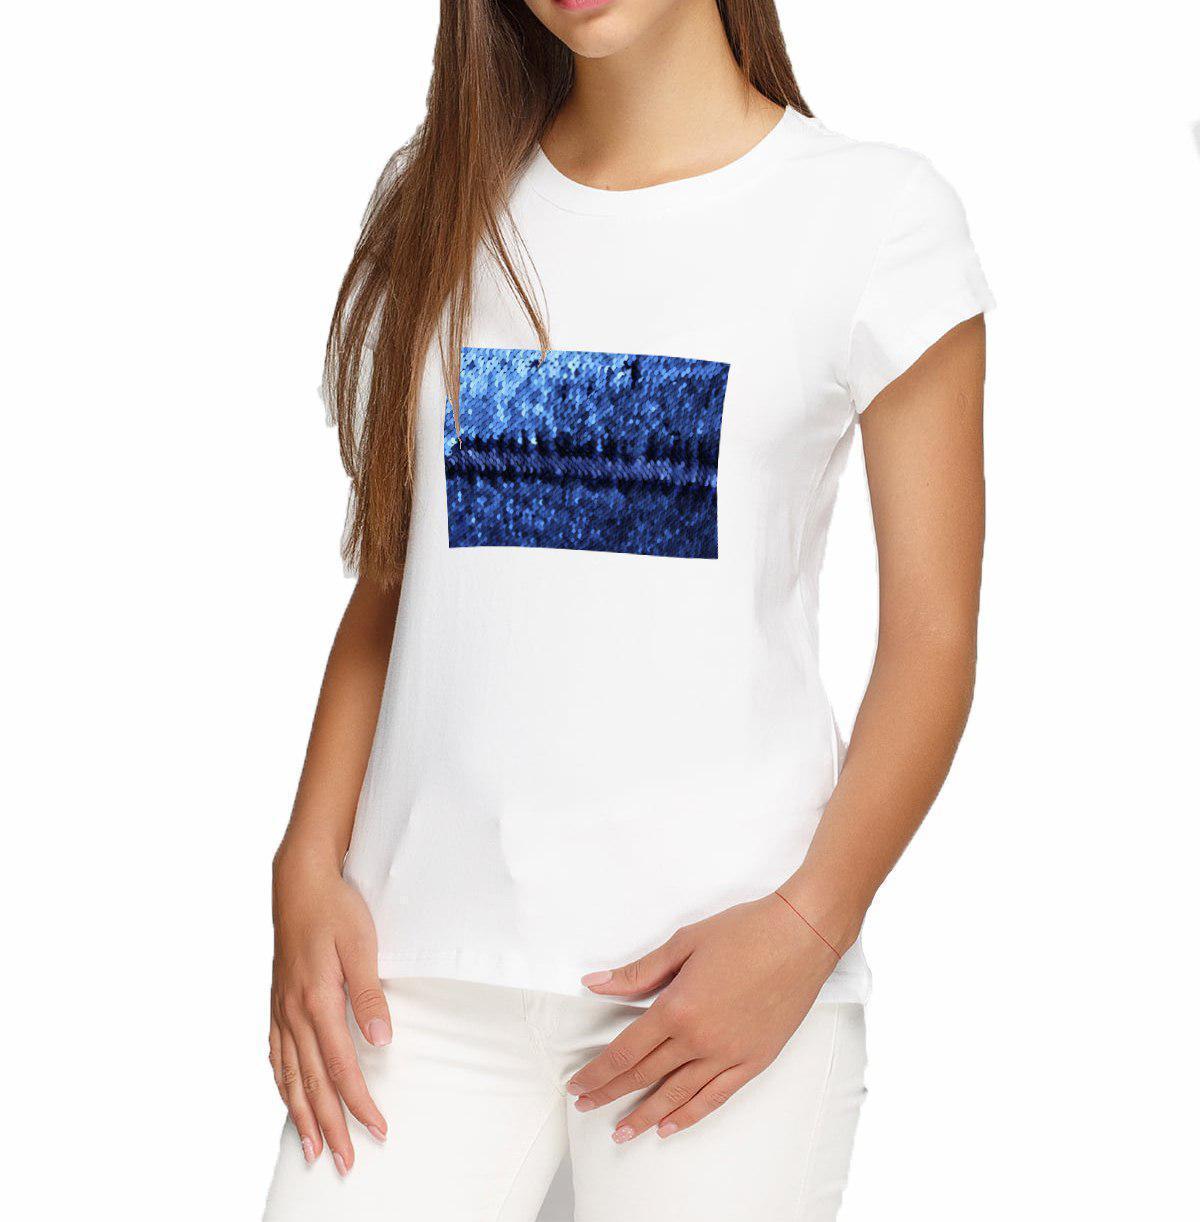 Женская футболка L с пайетками цв. СИНИЙ под сублимацию